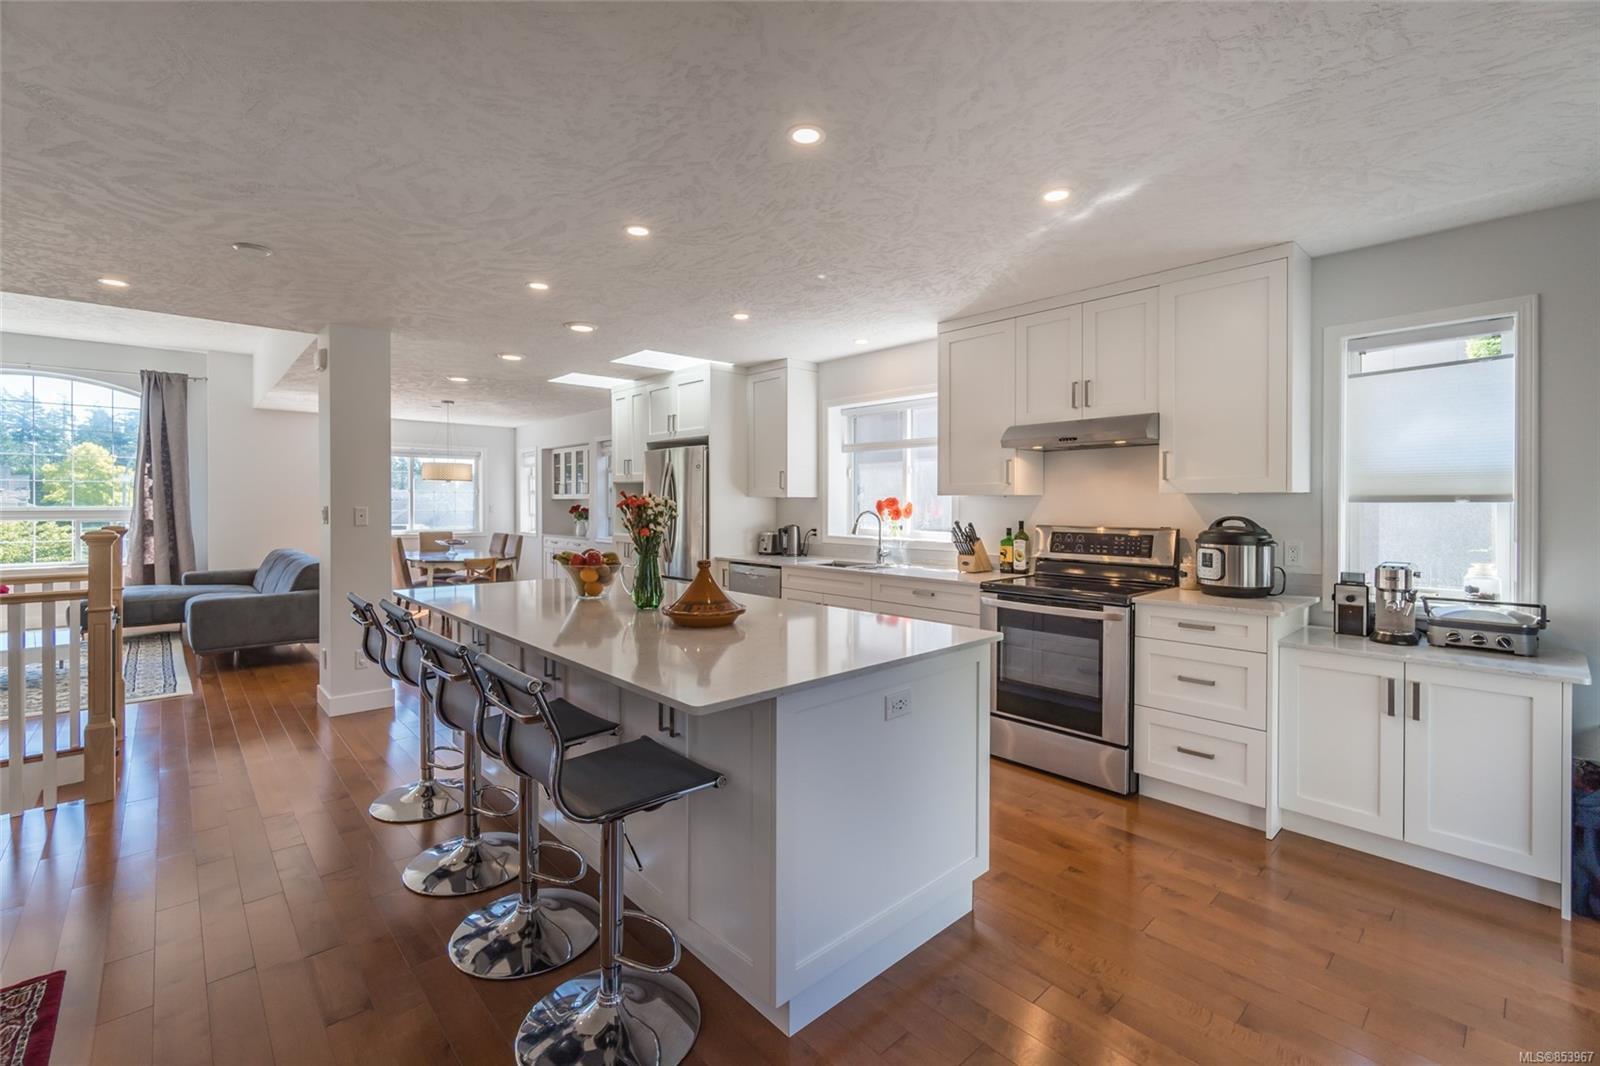 Main Photo: 3425 Planta Rd in : Na North Nanaimo House for sale (Nanaimo)  : MLS®# 853967